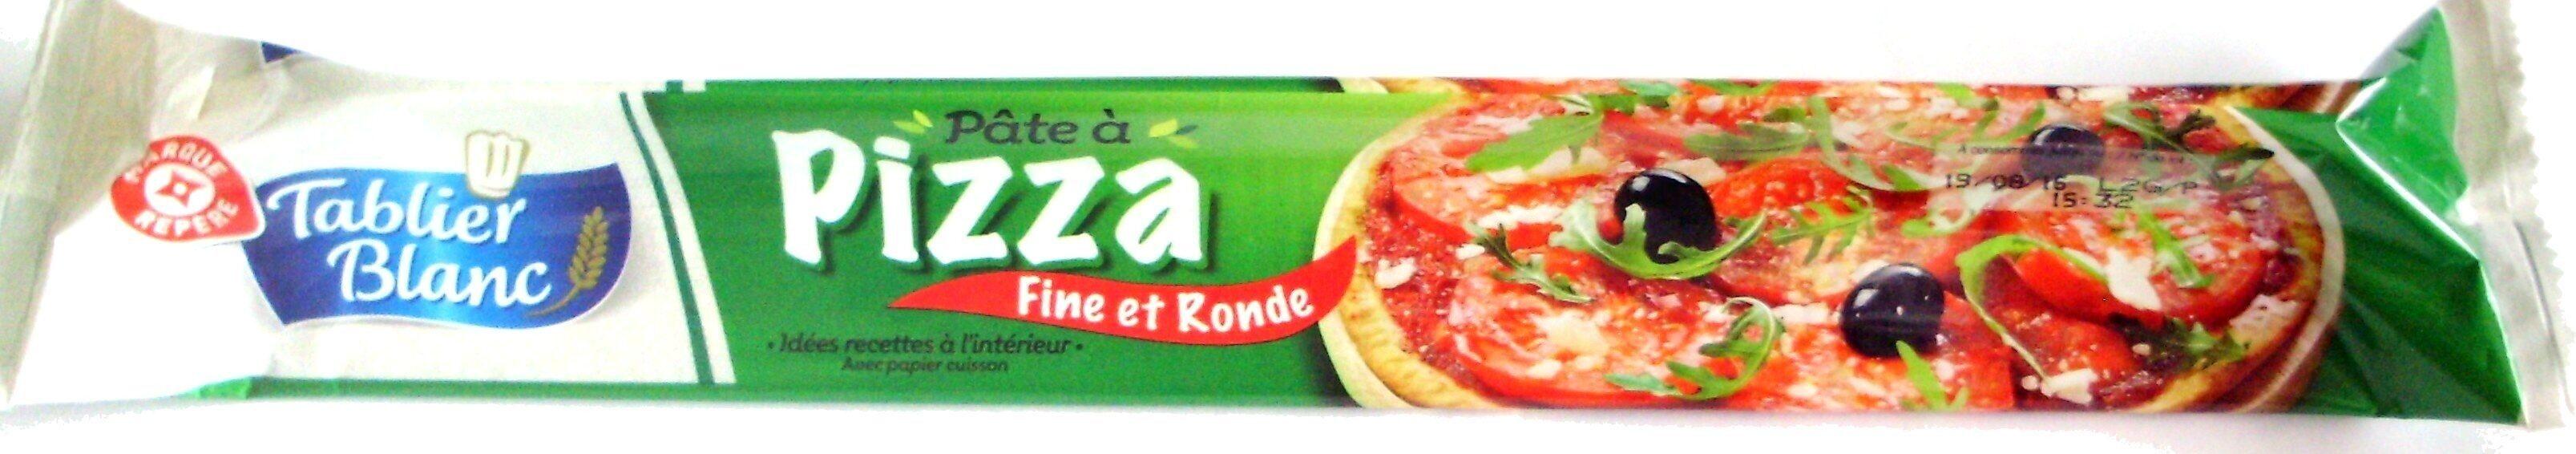 Pâte à pizza prête à dérouler - Product - fr